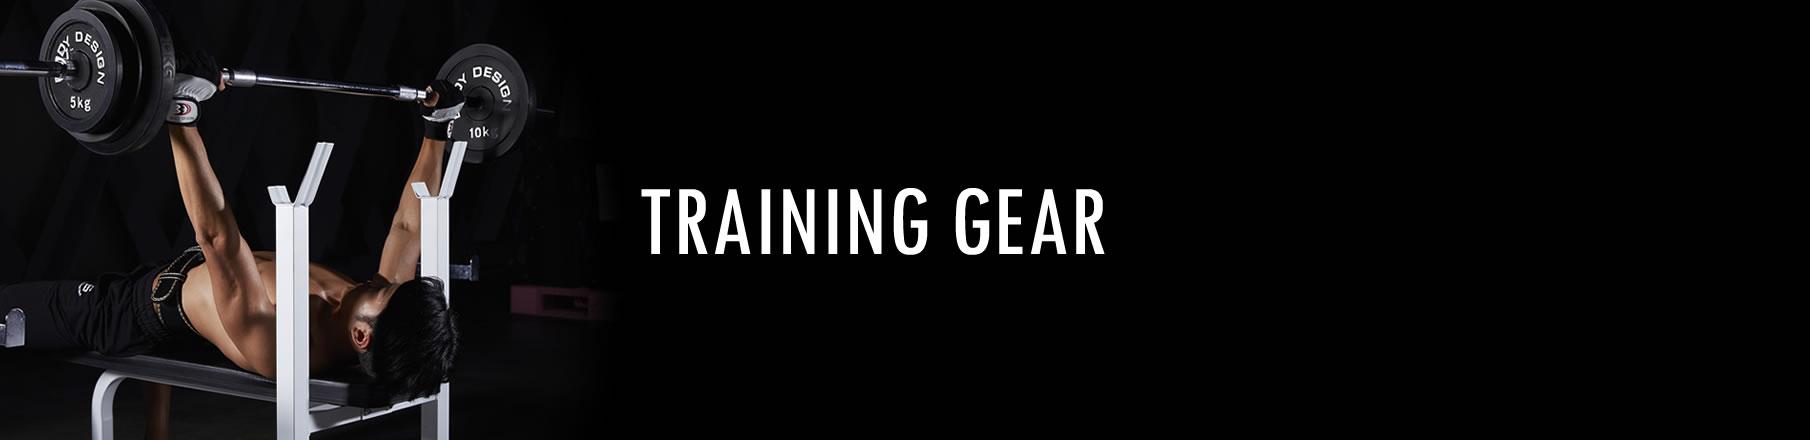 トレーニングギア